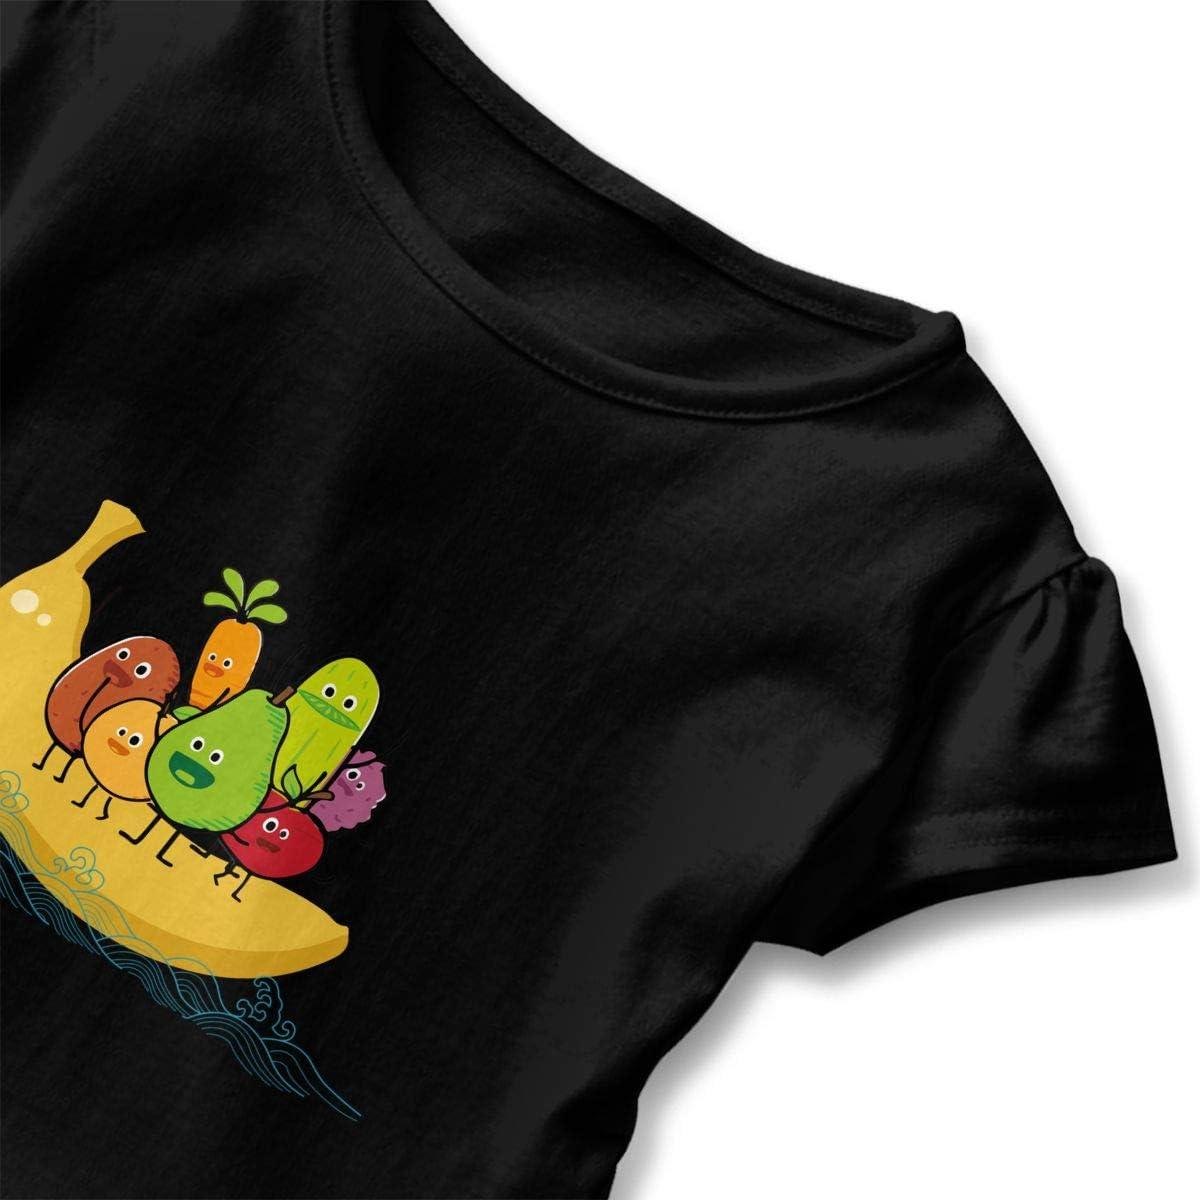 Cheng Jian Bo Cute Funny Avocado Banada Fruit Toddler Girls T Shirt Kids Cotton Short Sleeve Ruffle Tee